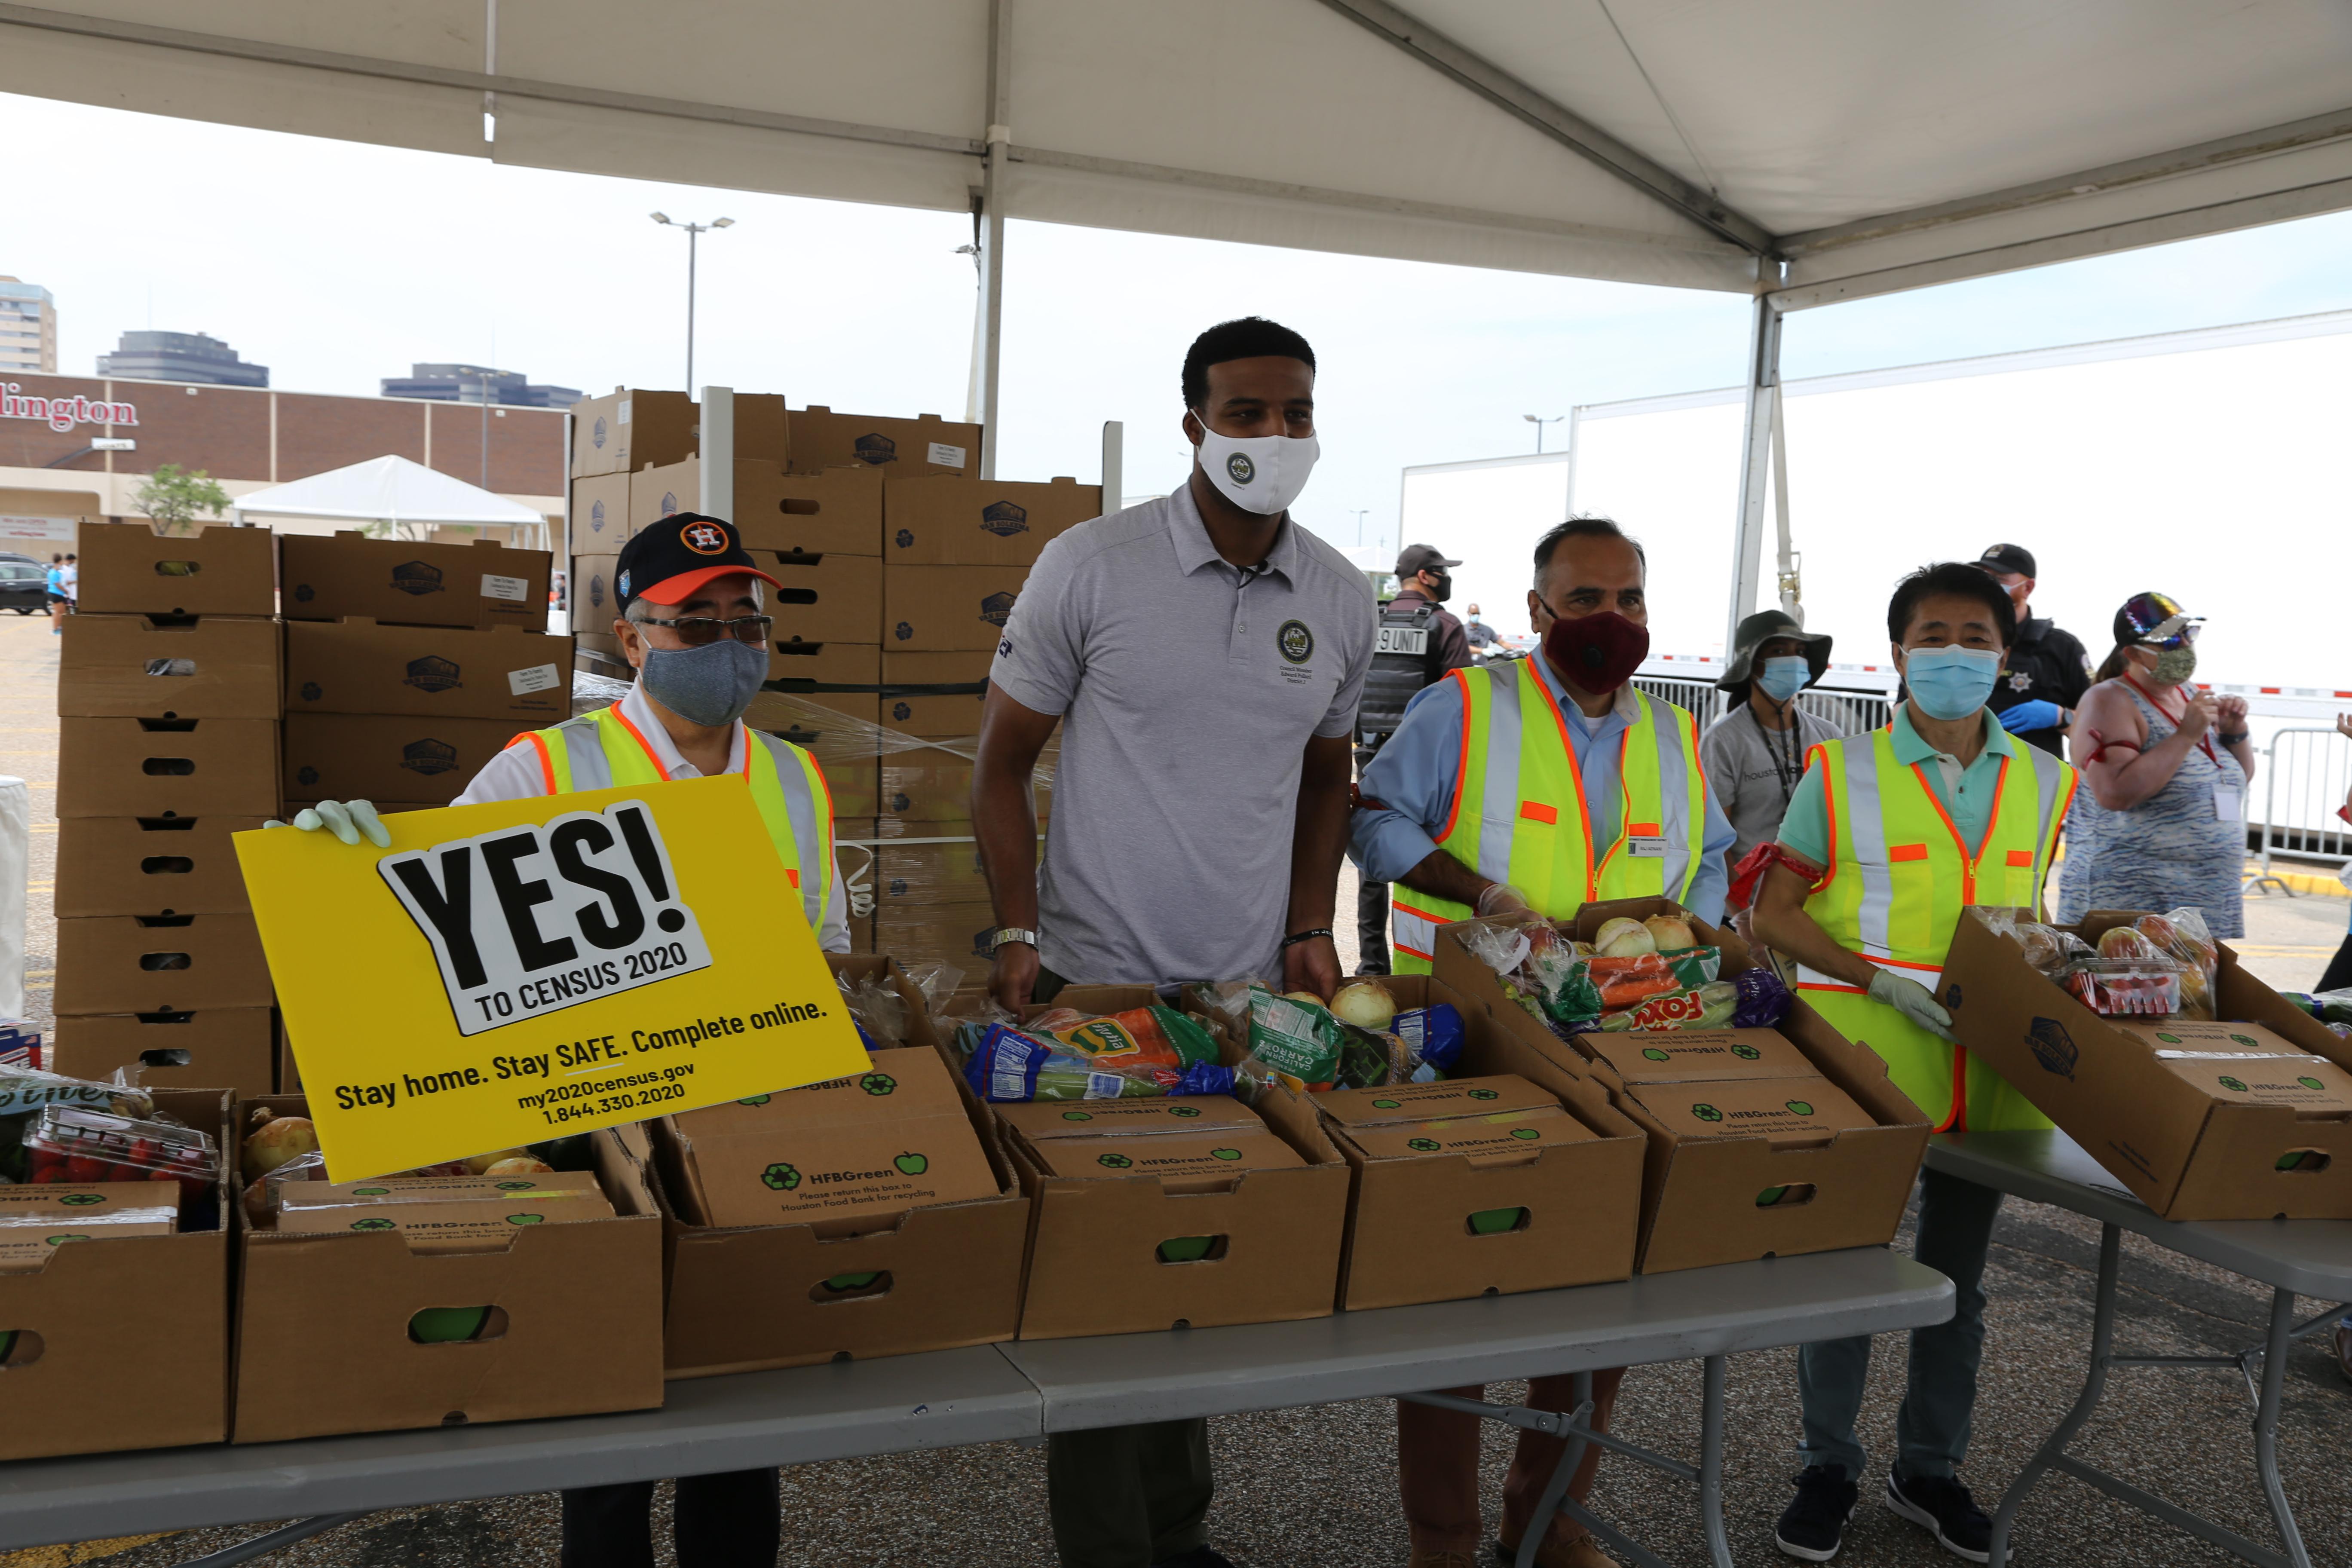 西南管理區區長李雄(左起)、休士頓市議員Edward Pollard等都登記成為義工,協助發放食物。